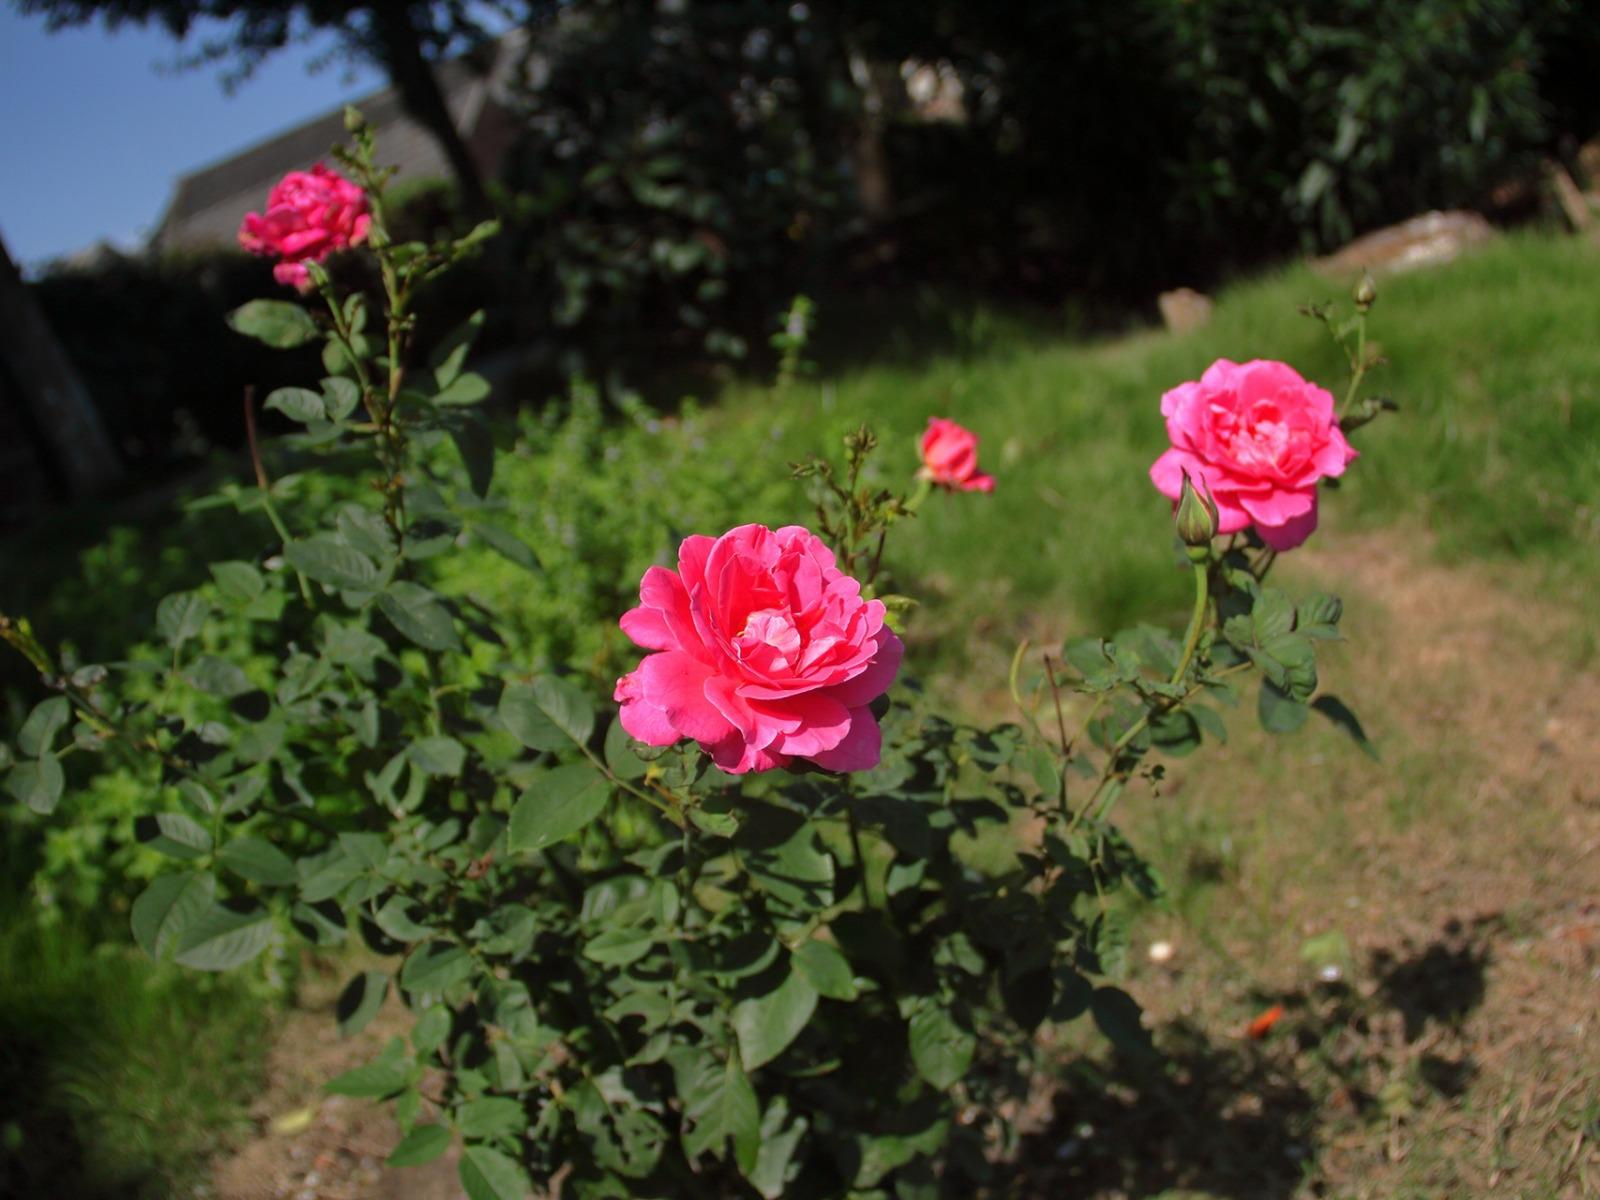 بالصور صور ورد طبيعي , شاهد الرقة الشعرية التى توجد فى الورود 1916 13